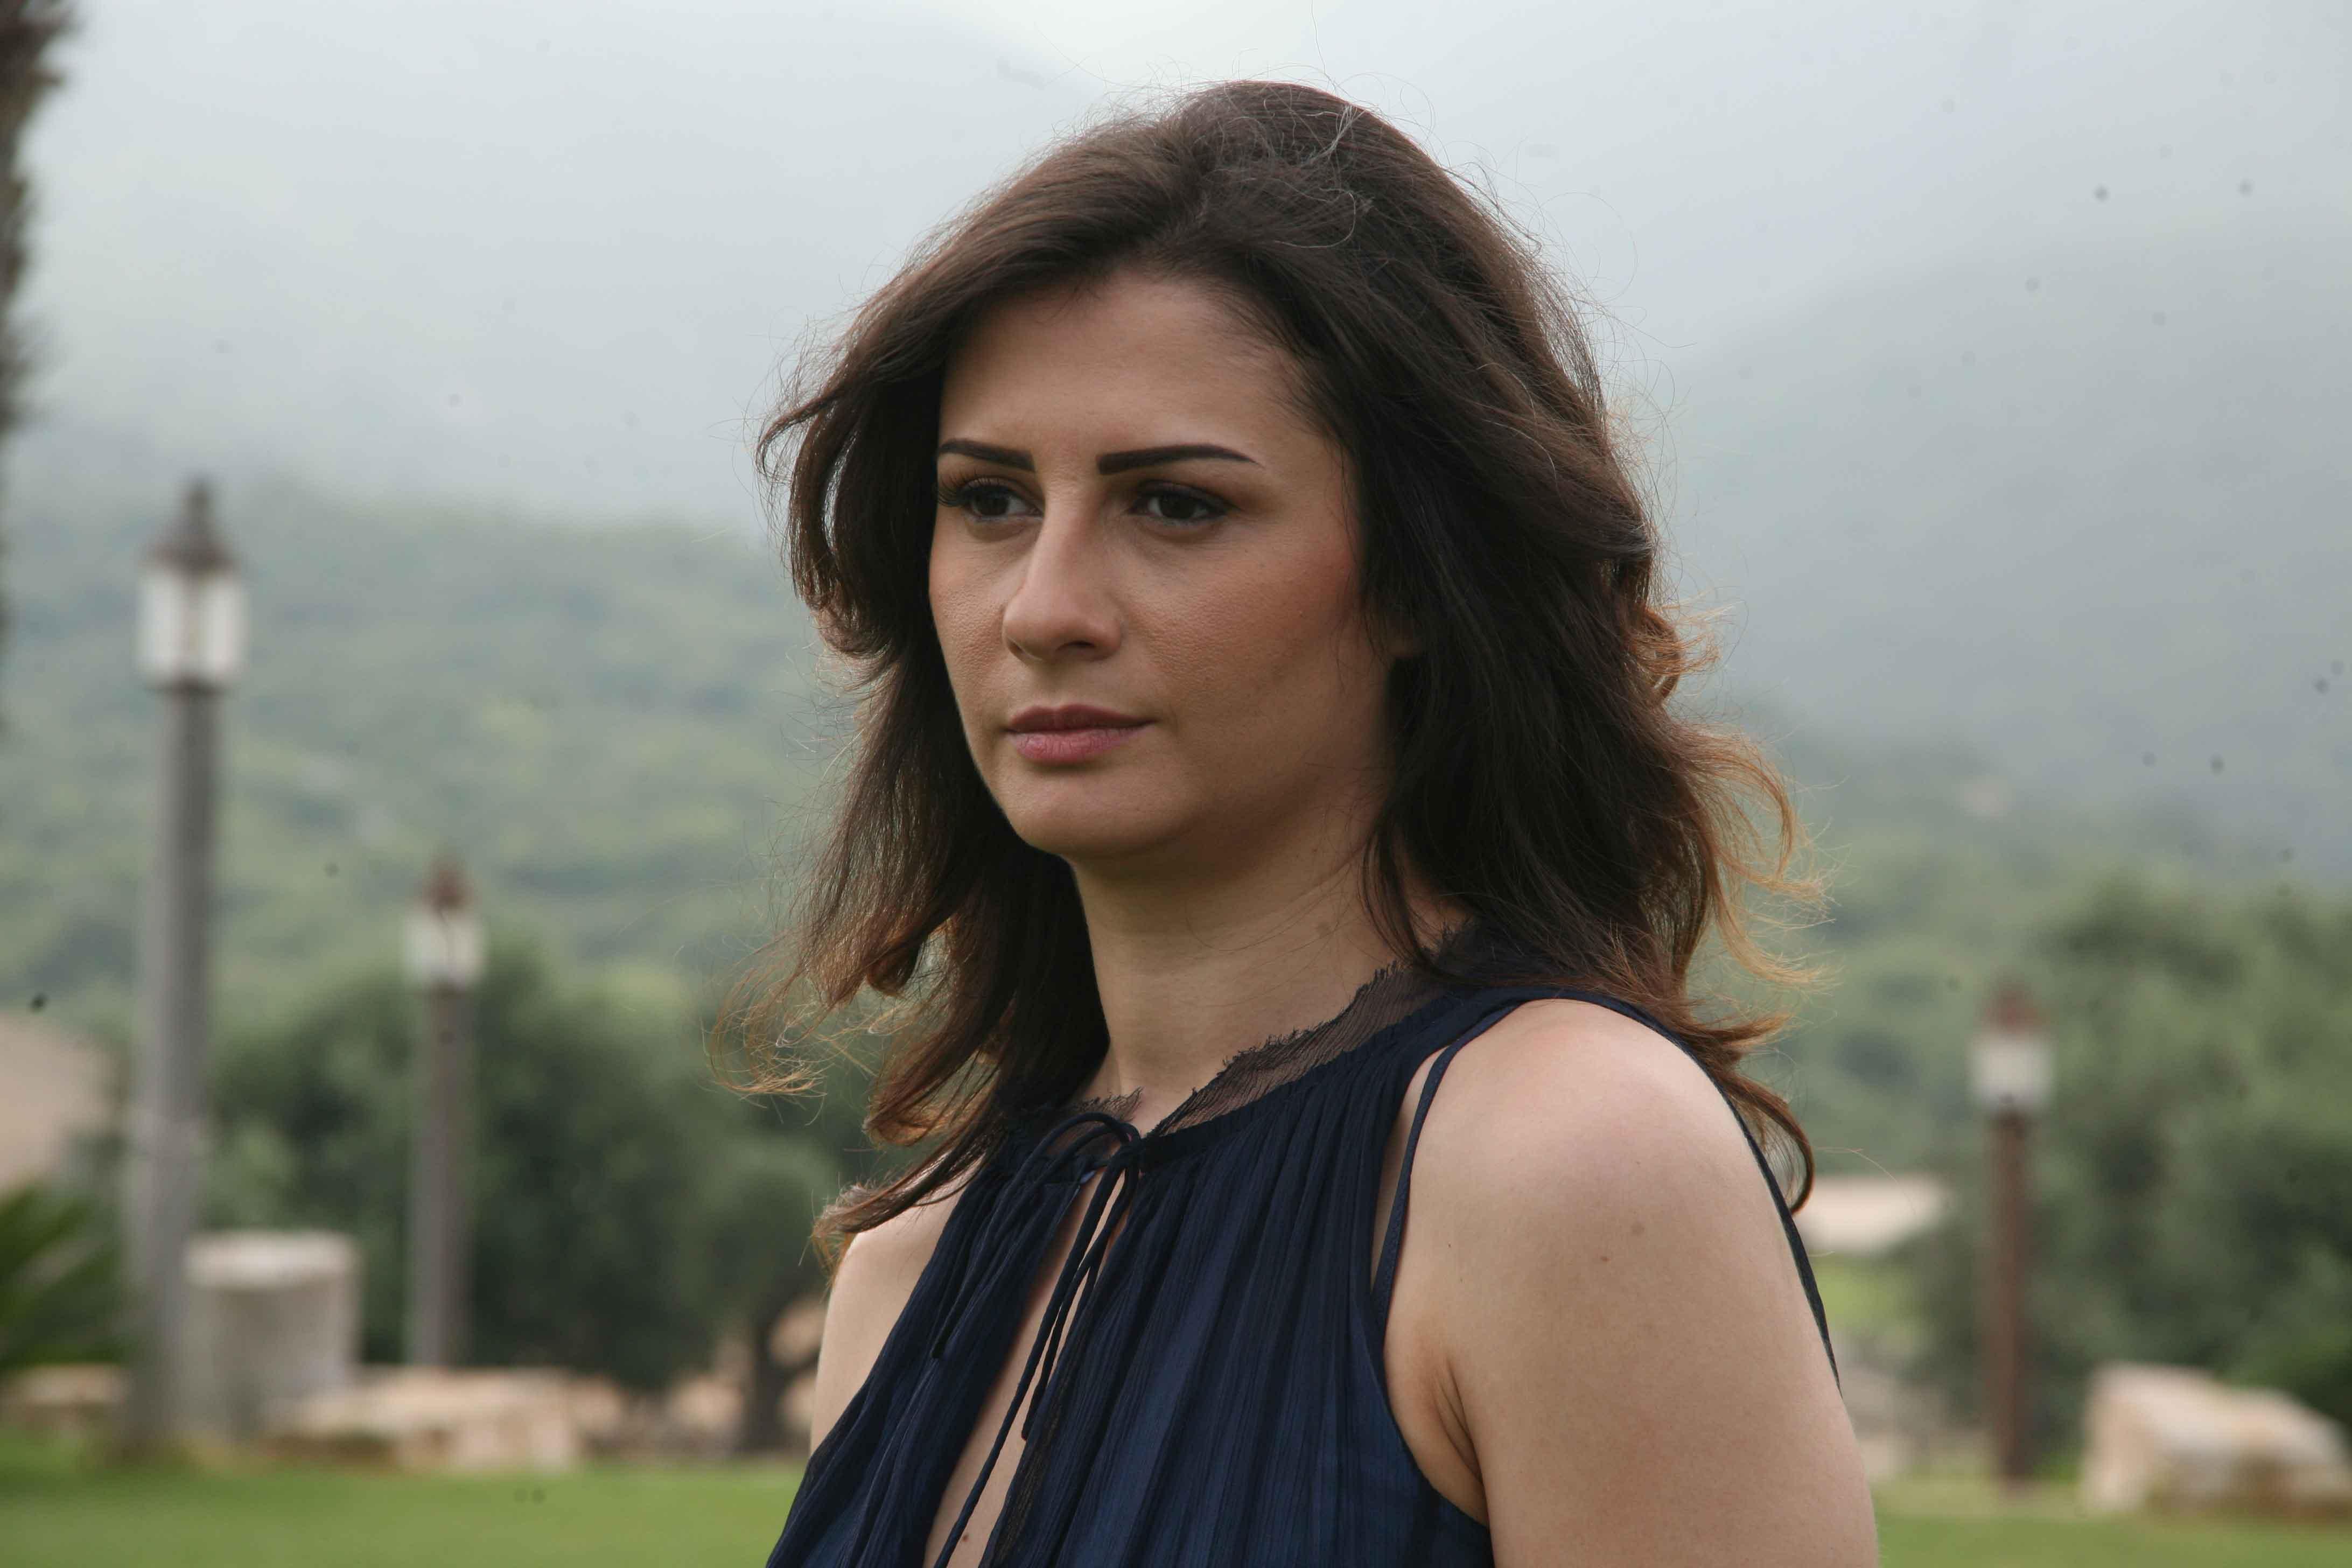 Reem Ali